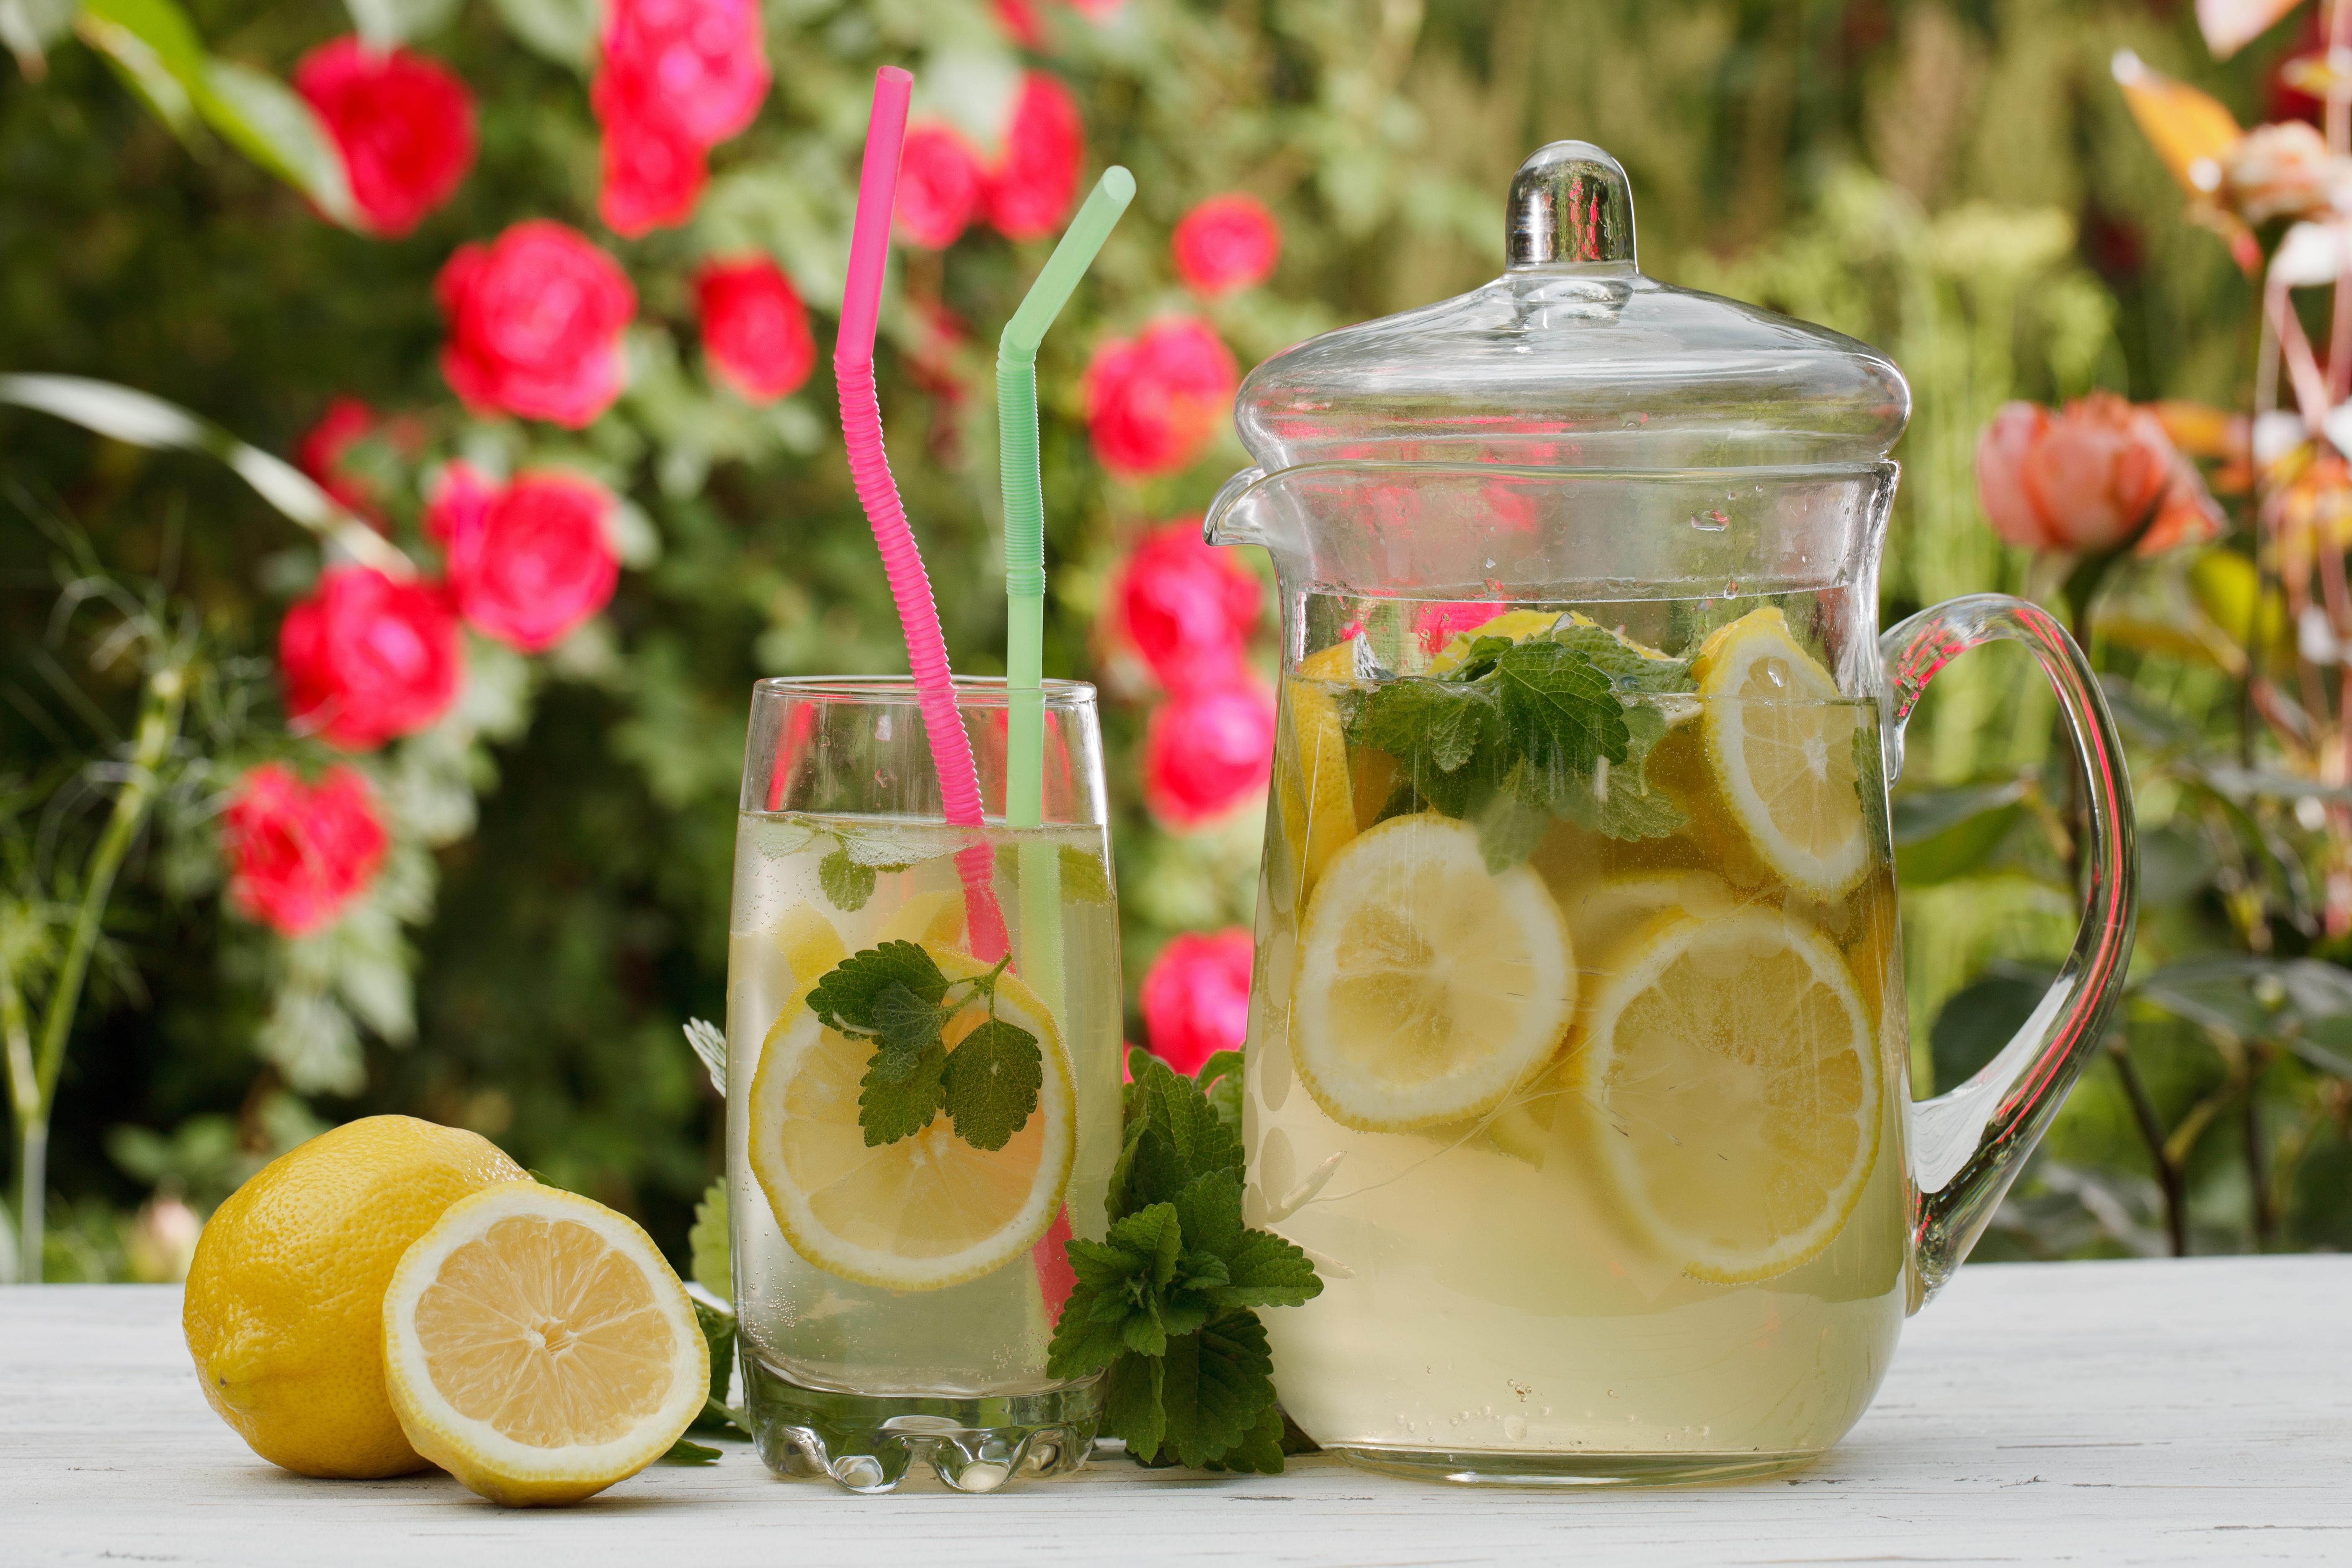 еда чай лимон мята eda tea lemon flicking  № 676126 без смс